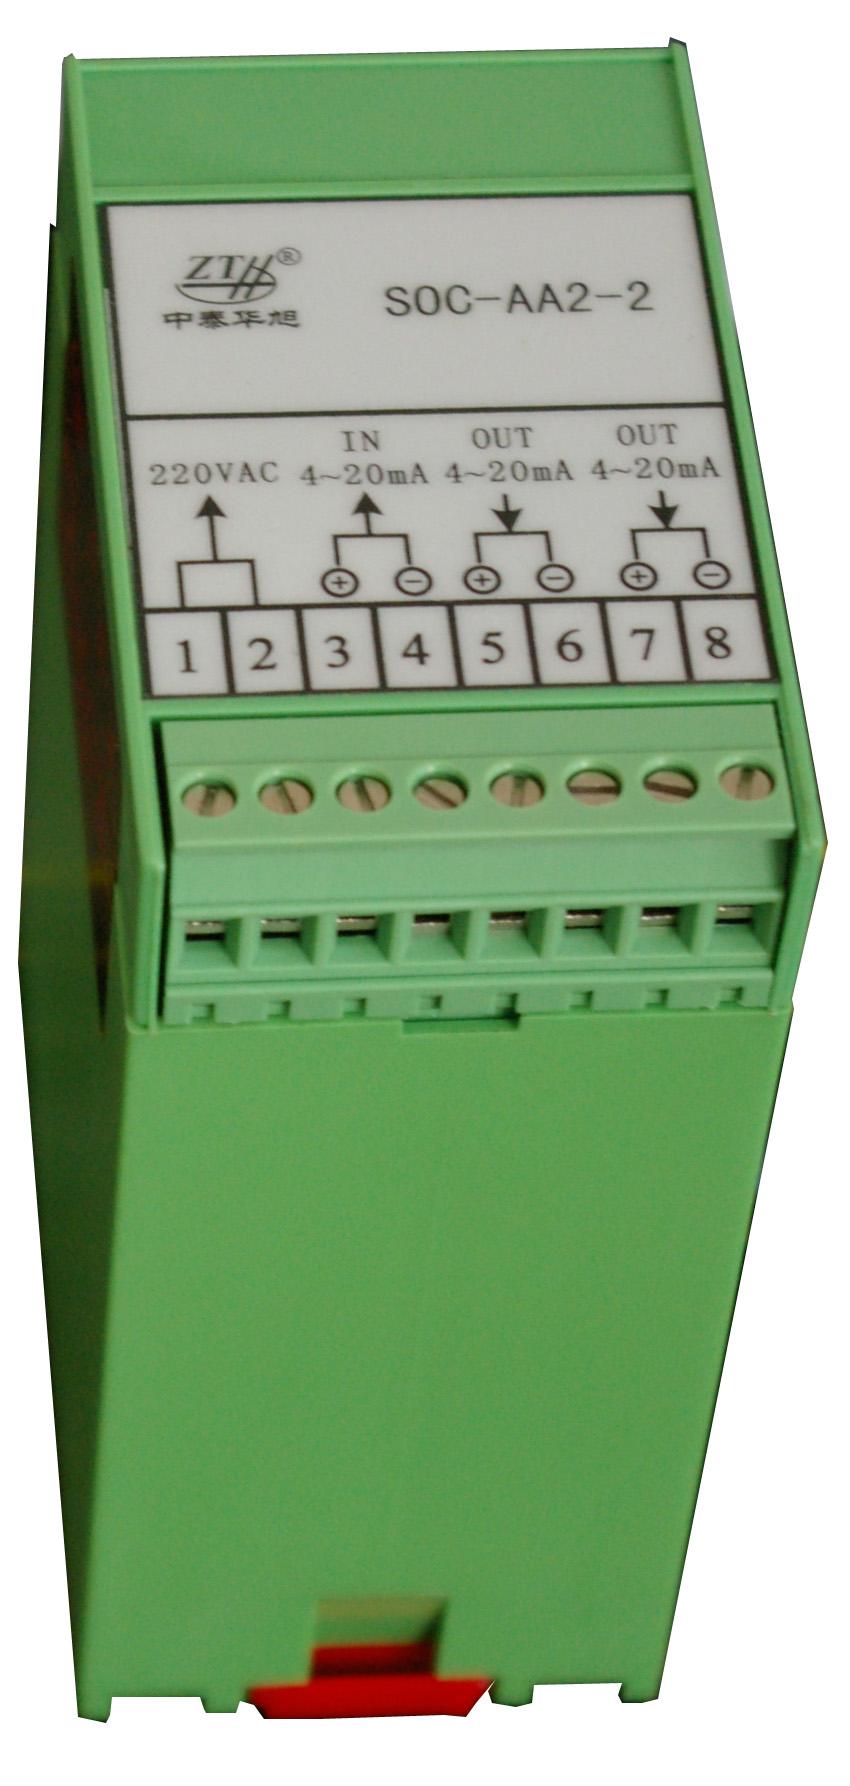 电流信号分配器-商机资讯-北京中泰华旭科贸有限公司